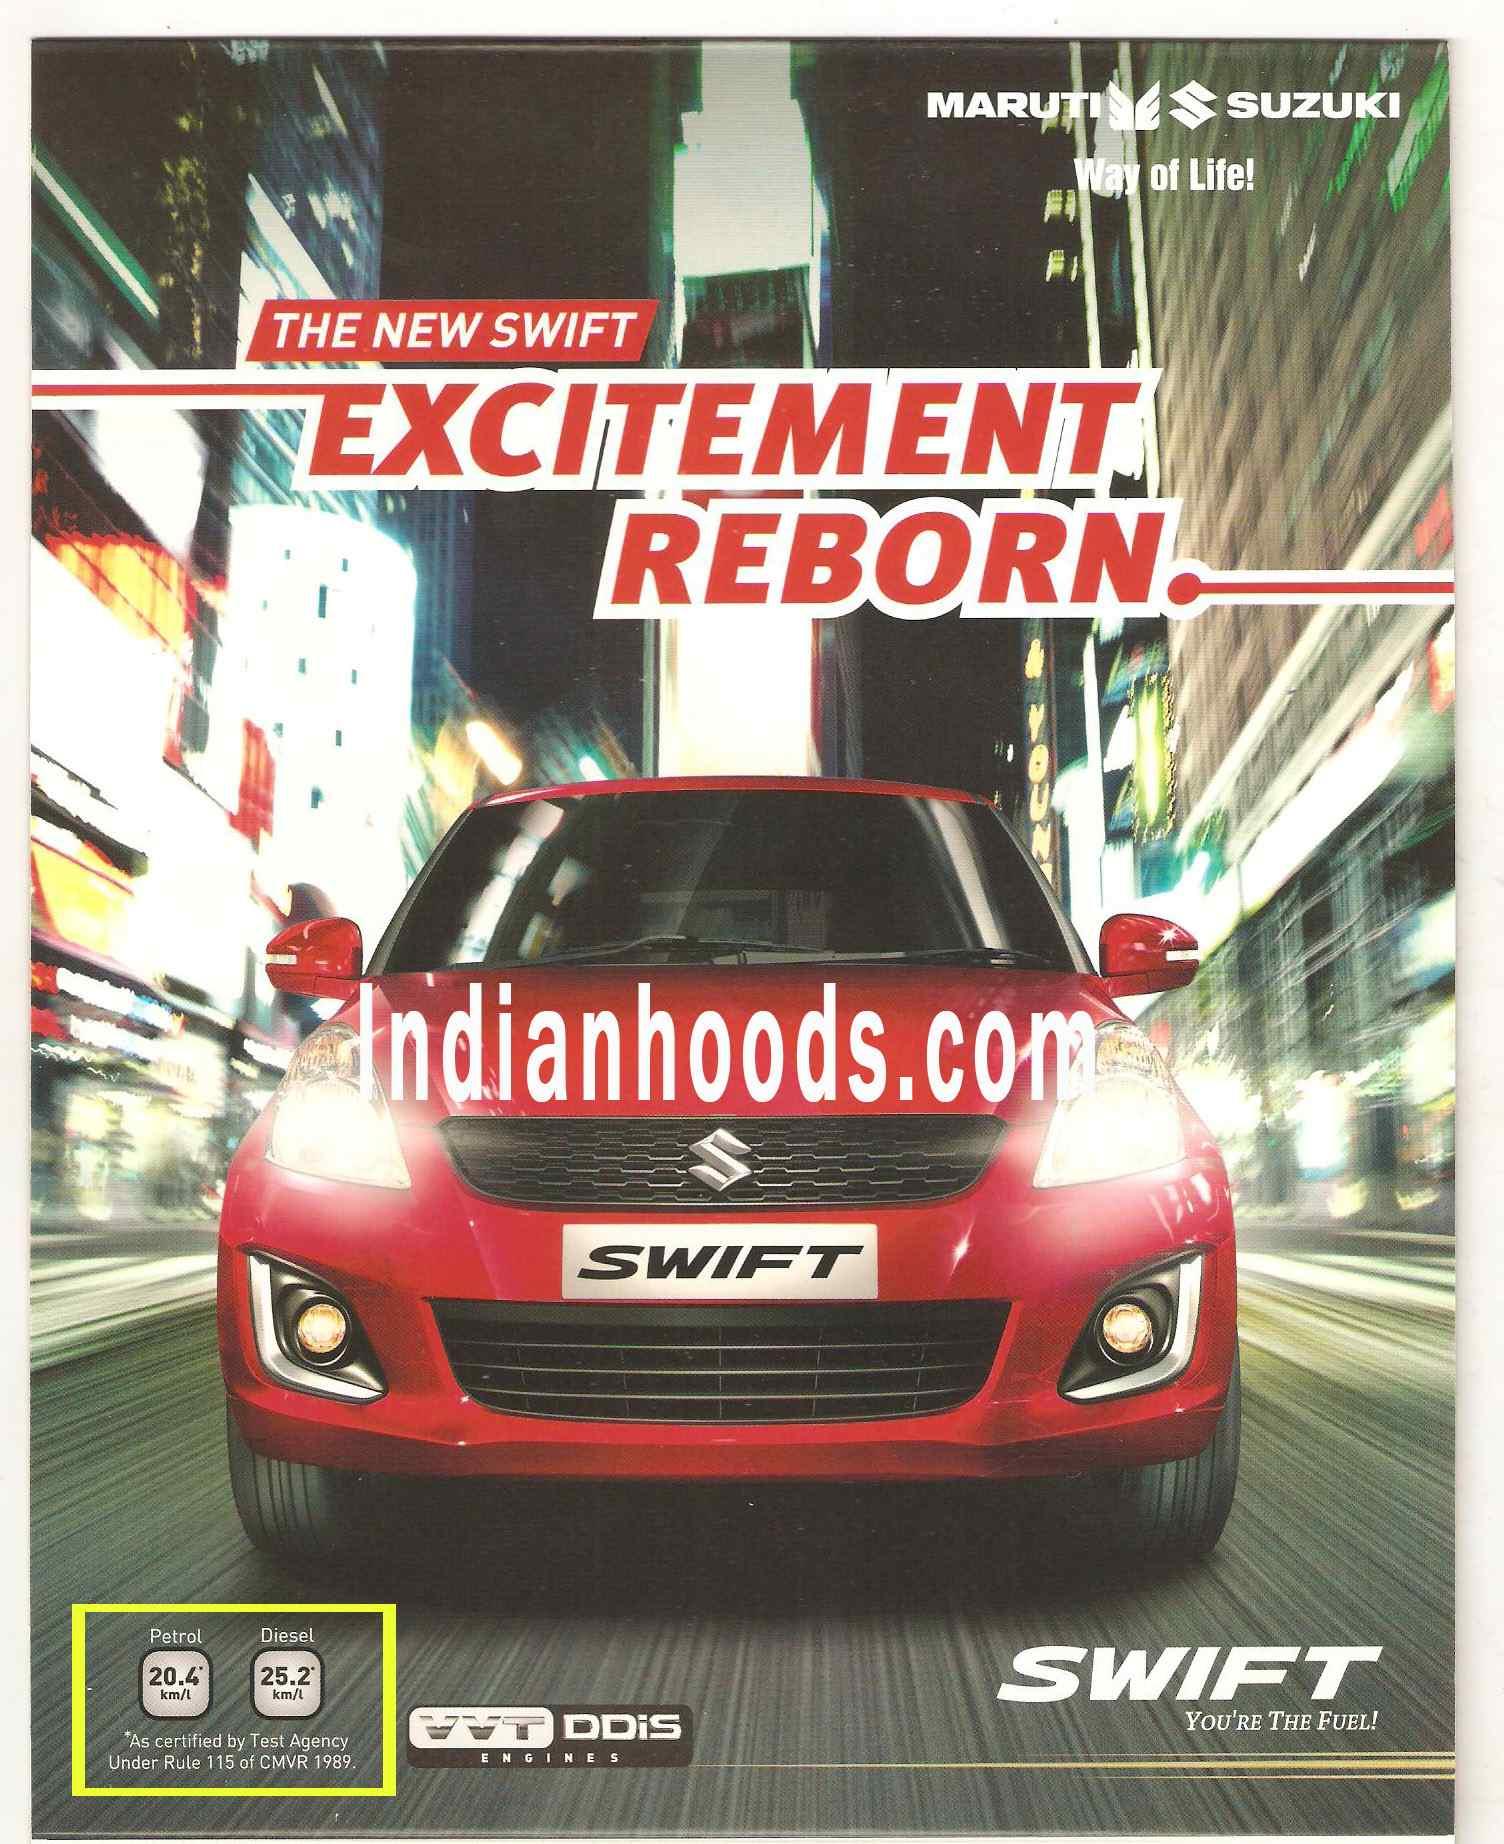 2015-Maruti-Swift-facelift-mileage